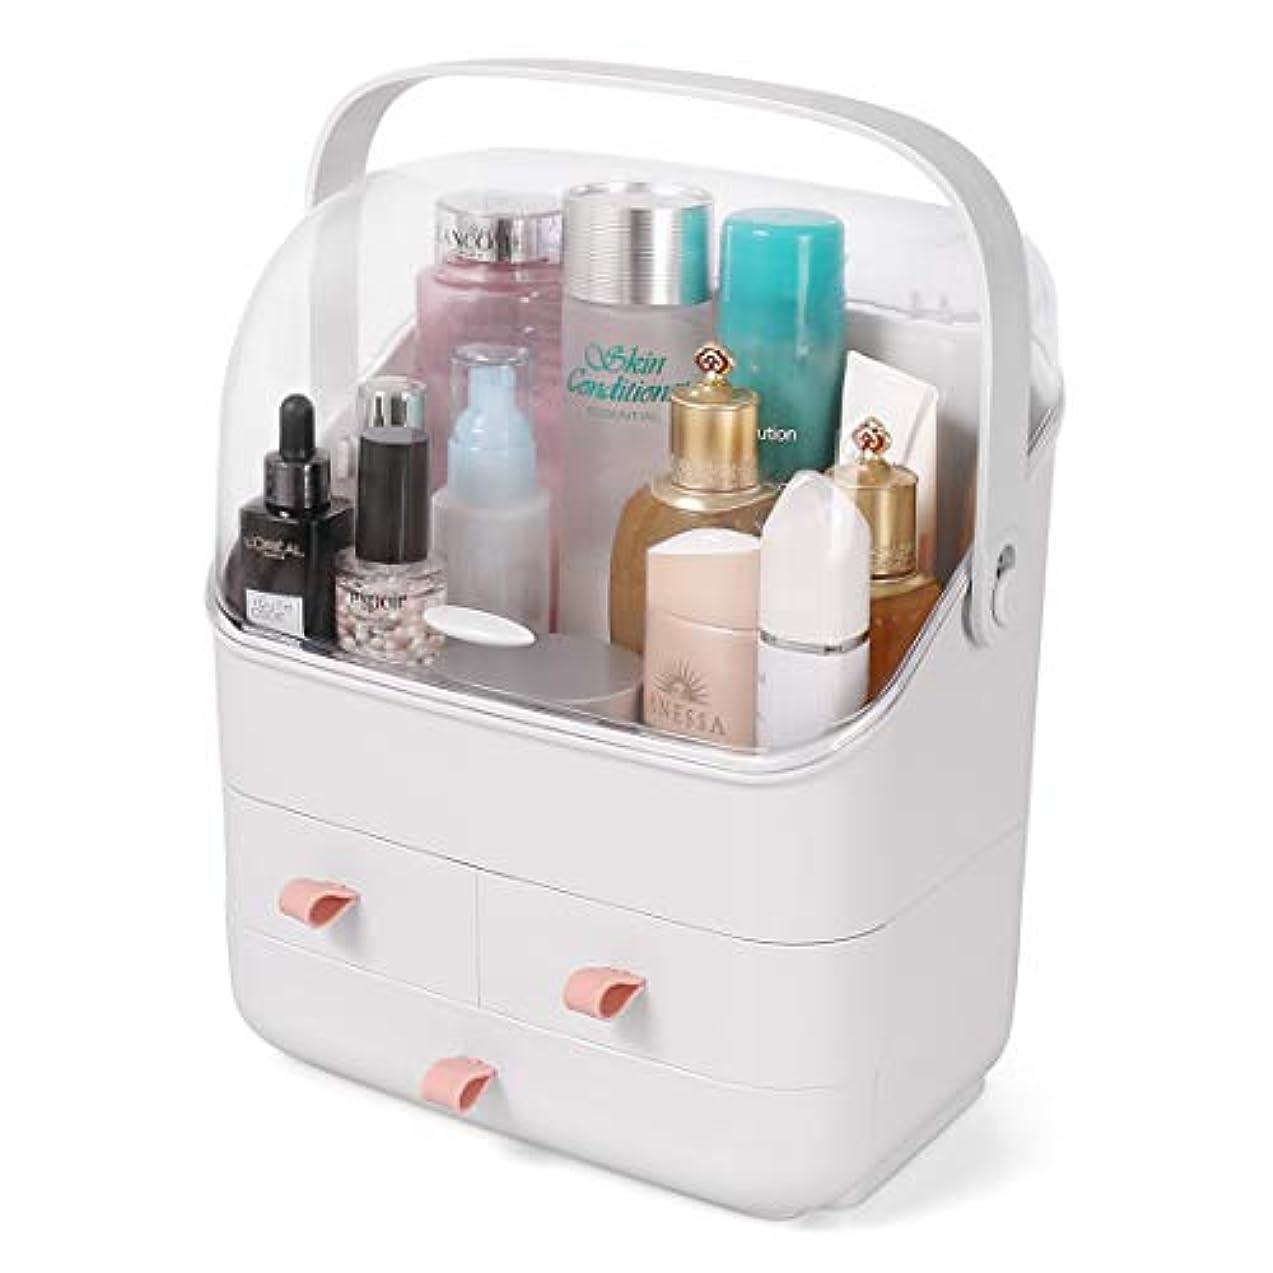 恩恵人工的な香水Haturi 化粧品収納ボックス メイクケース 大容量 防塵 防水 蓋付き 引き出し式 収納用 寝室 浴室 洗面所 全開式カバー 180°回転でき